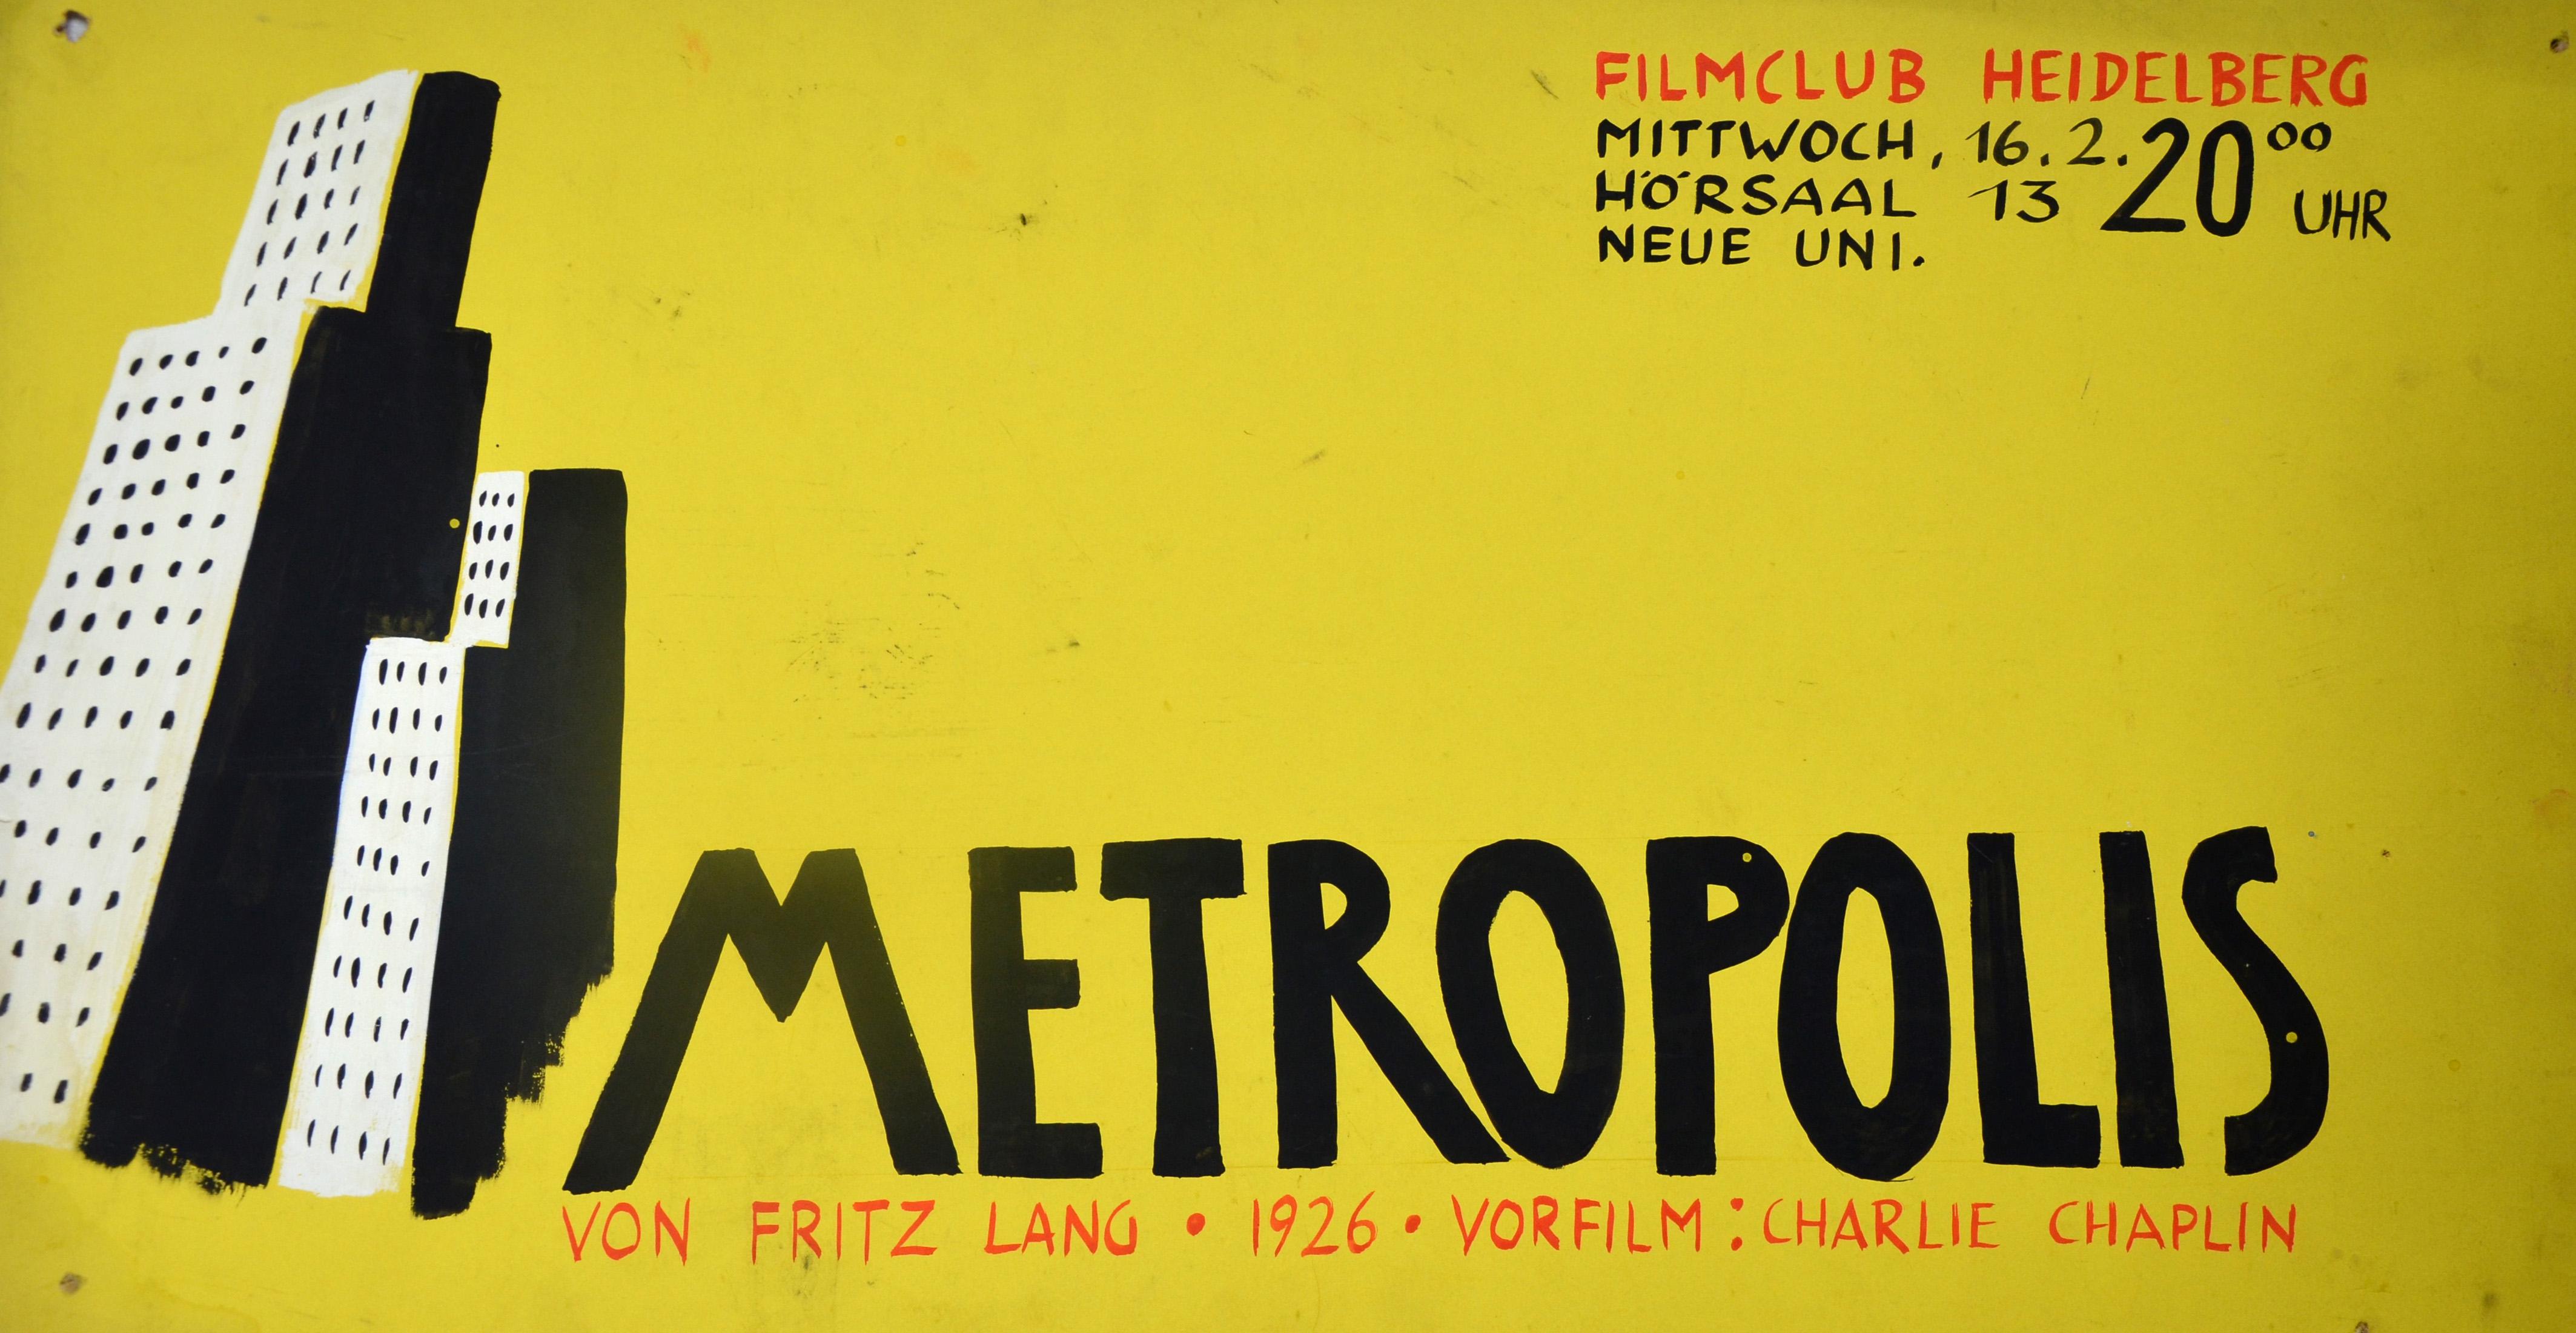 """""""Metropolis"""" sorgte nicht nur 1926 für Begeisterung. Bilder: Universitätsbibliothek Heidelberg"""